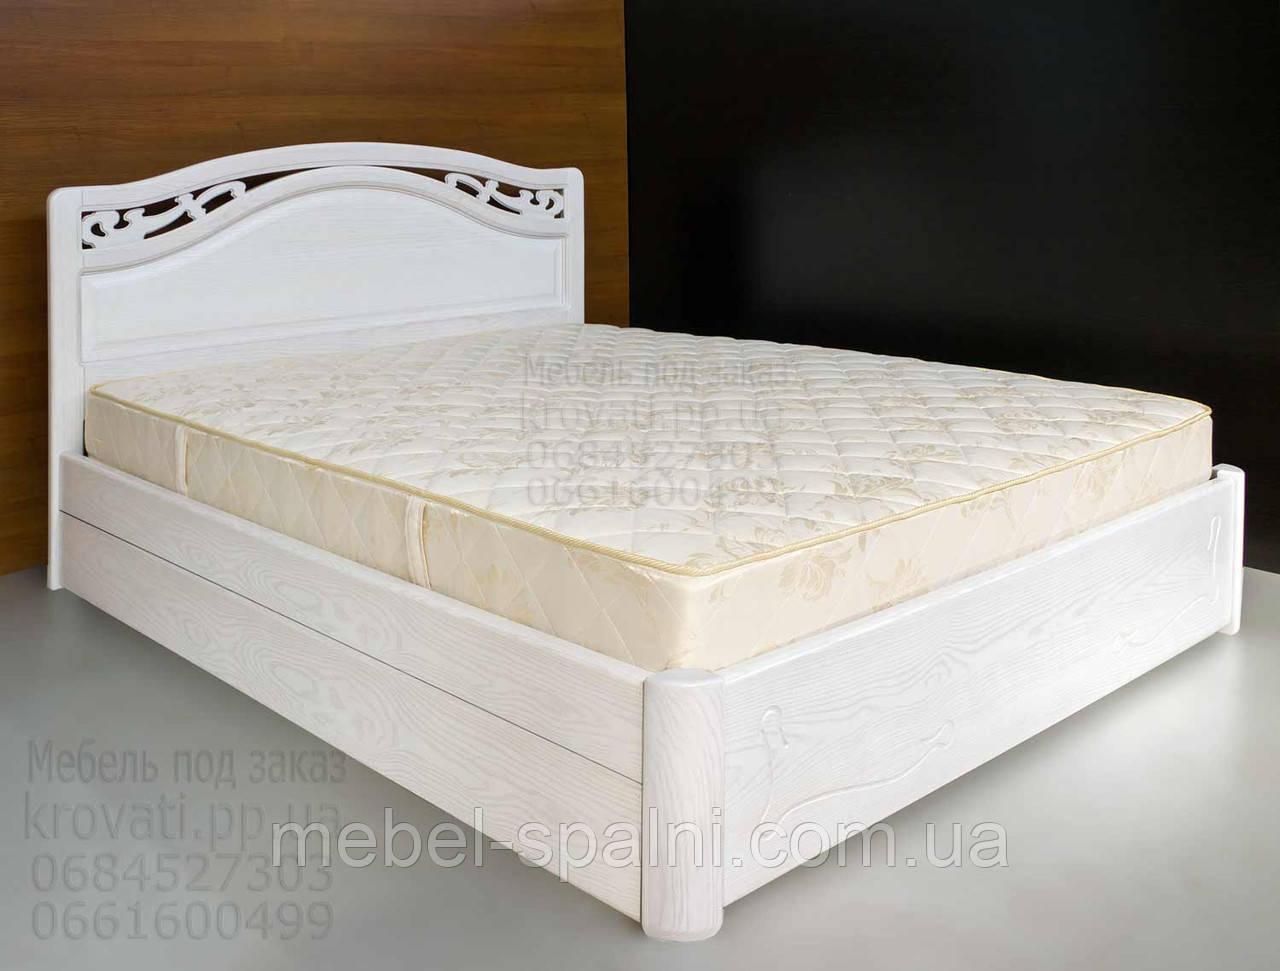 """Двуспальная кровать деревянная с подъёмным механизмом """"Марго"""" kr.mg7.3"""